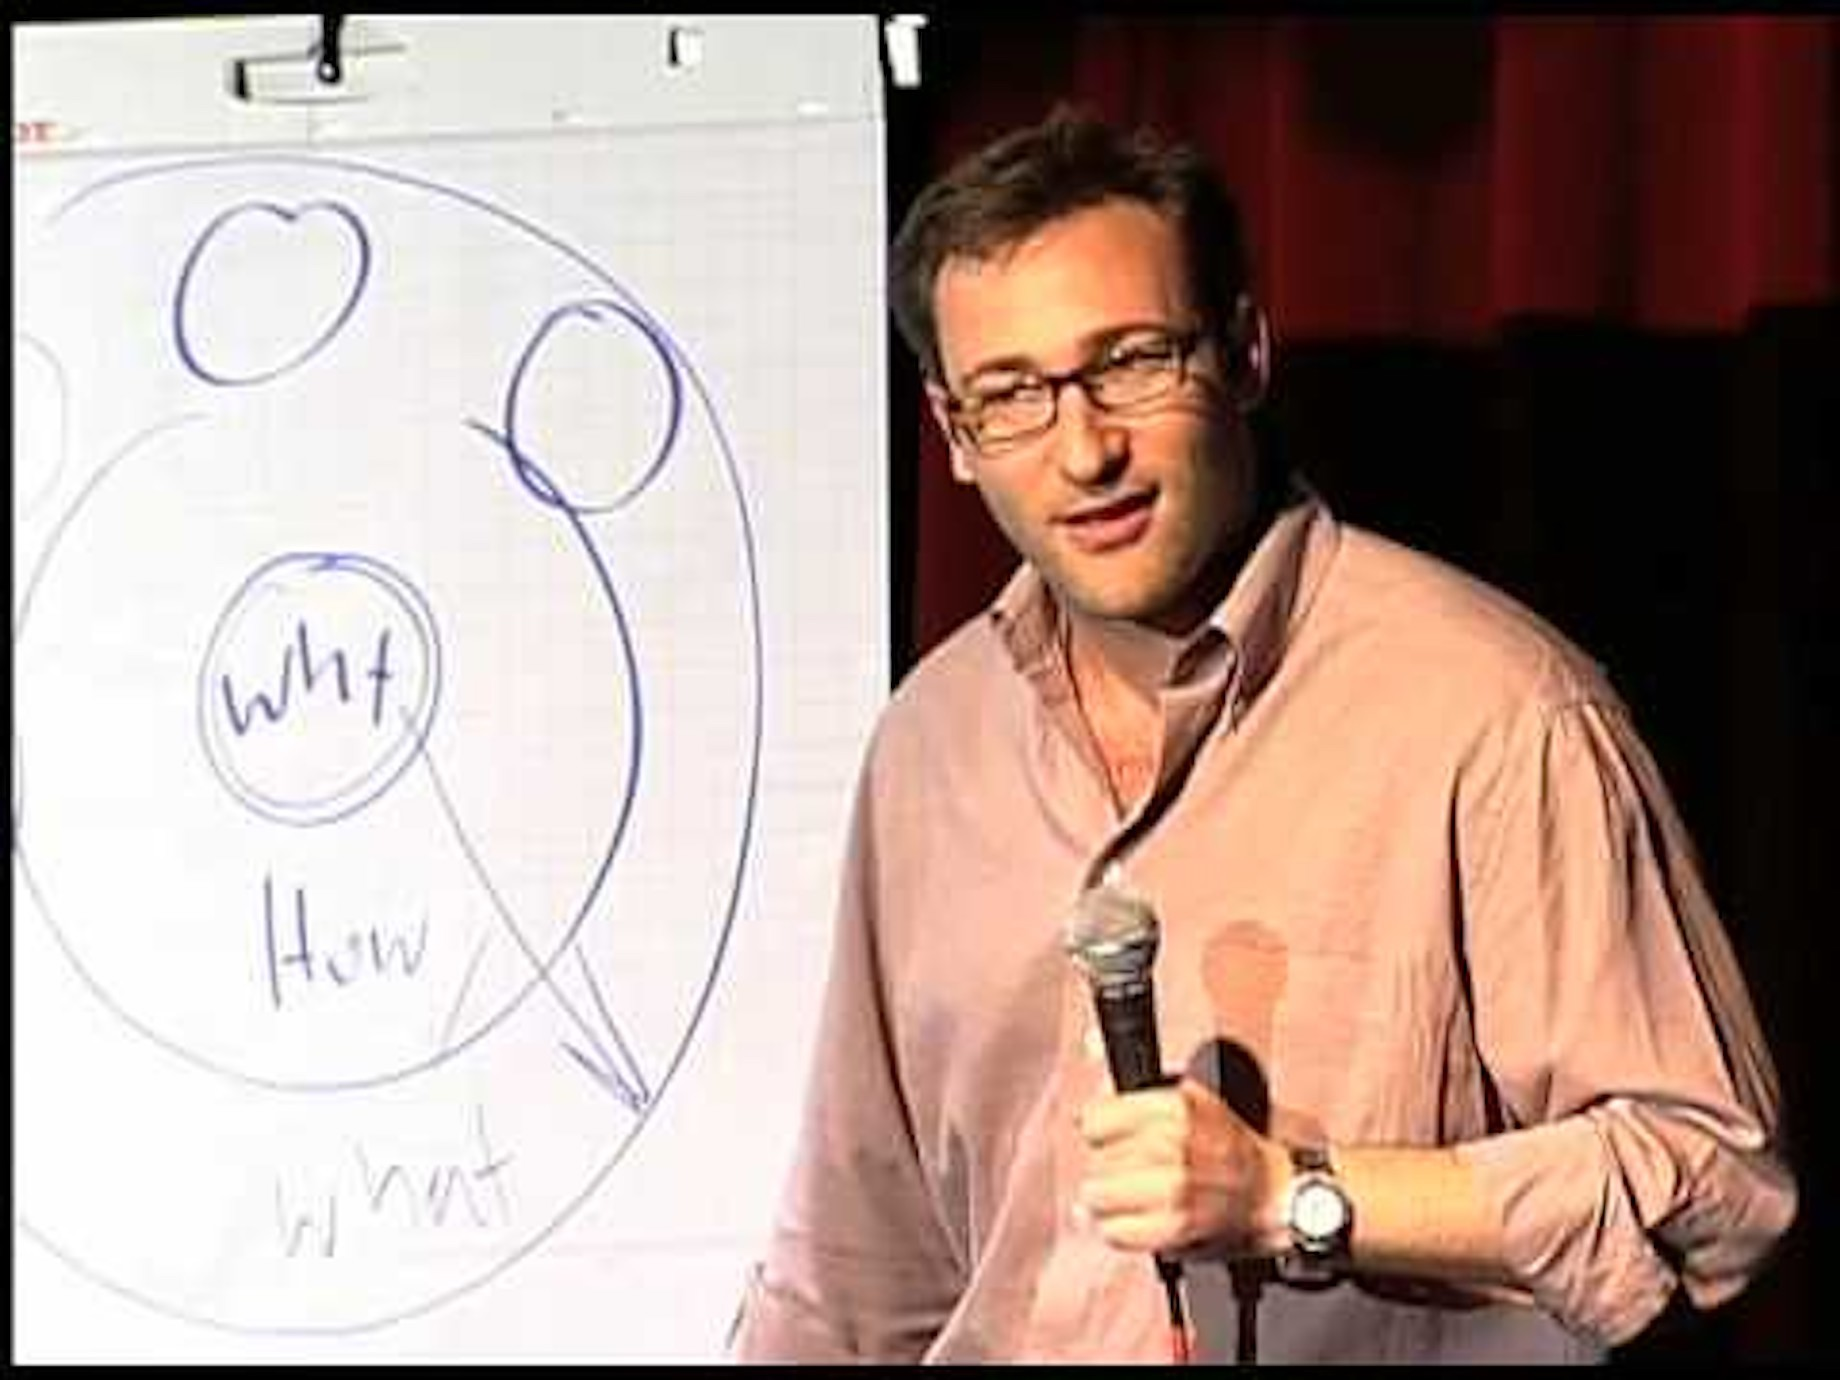 該如何激發員工創意?領導者不可不知的「黃金圈理論」,學會運用「為什麼」的力量,支撐團隊熱情、創造職涯不凡!